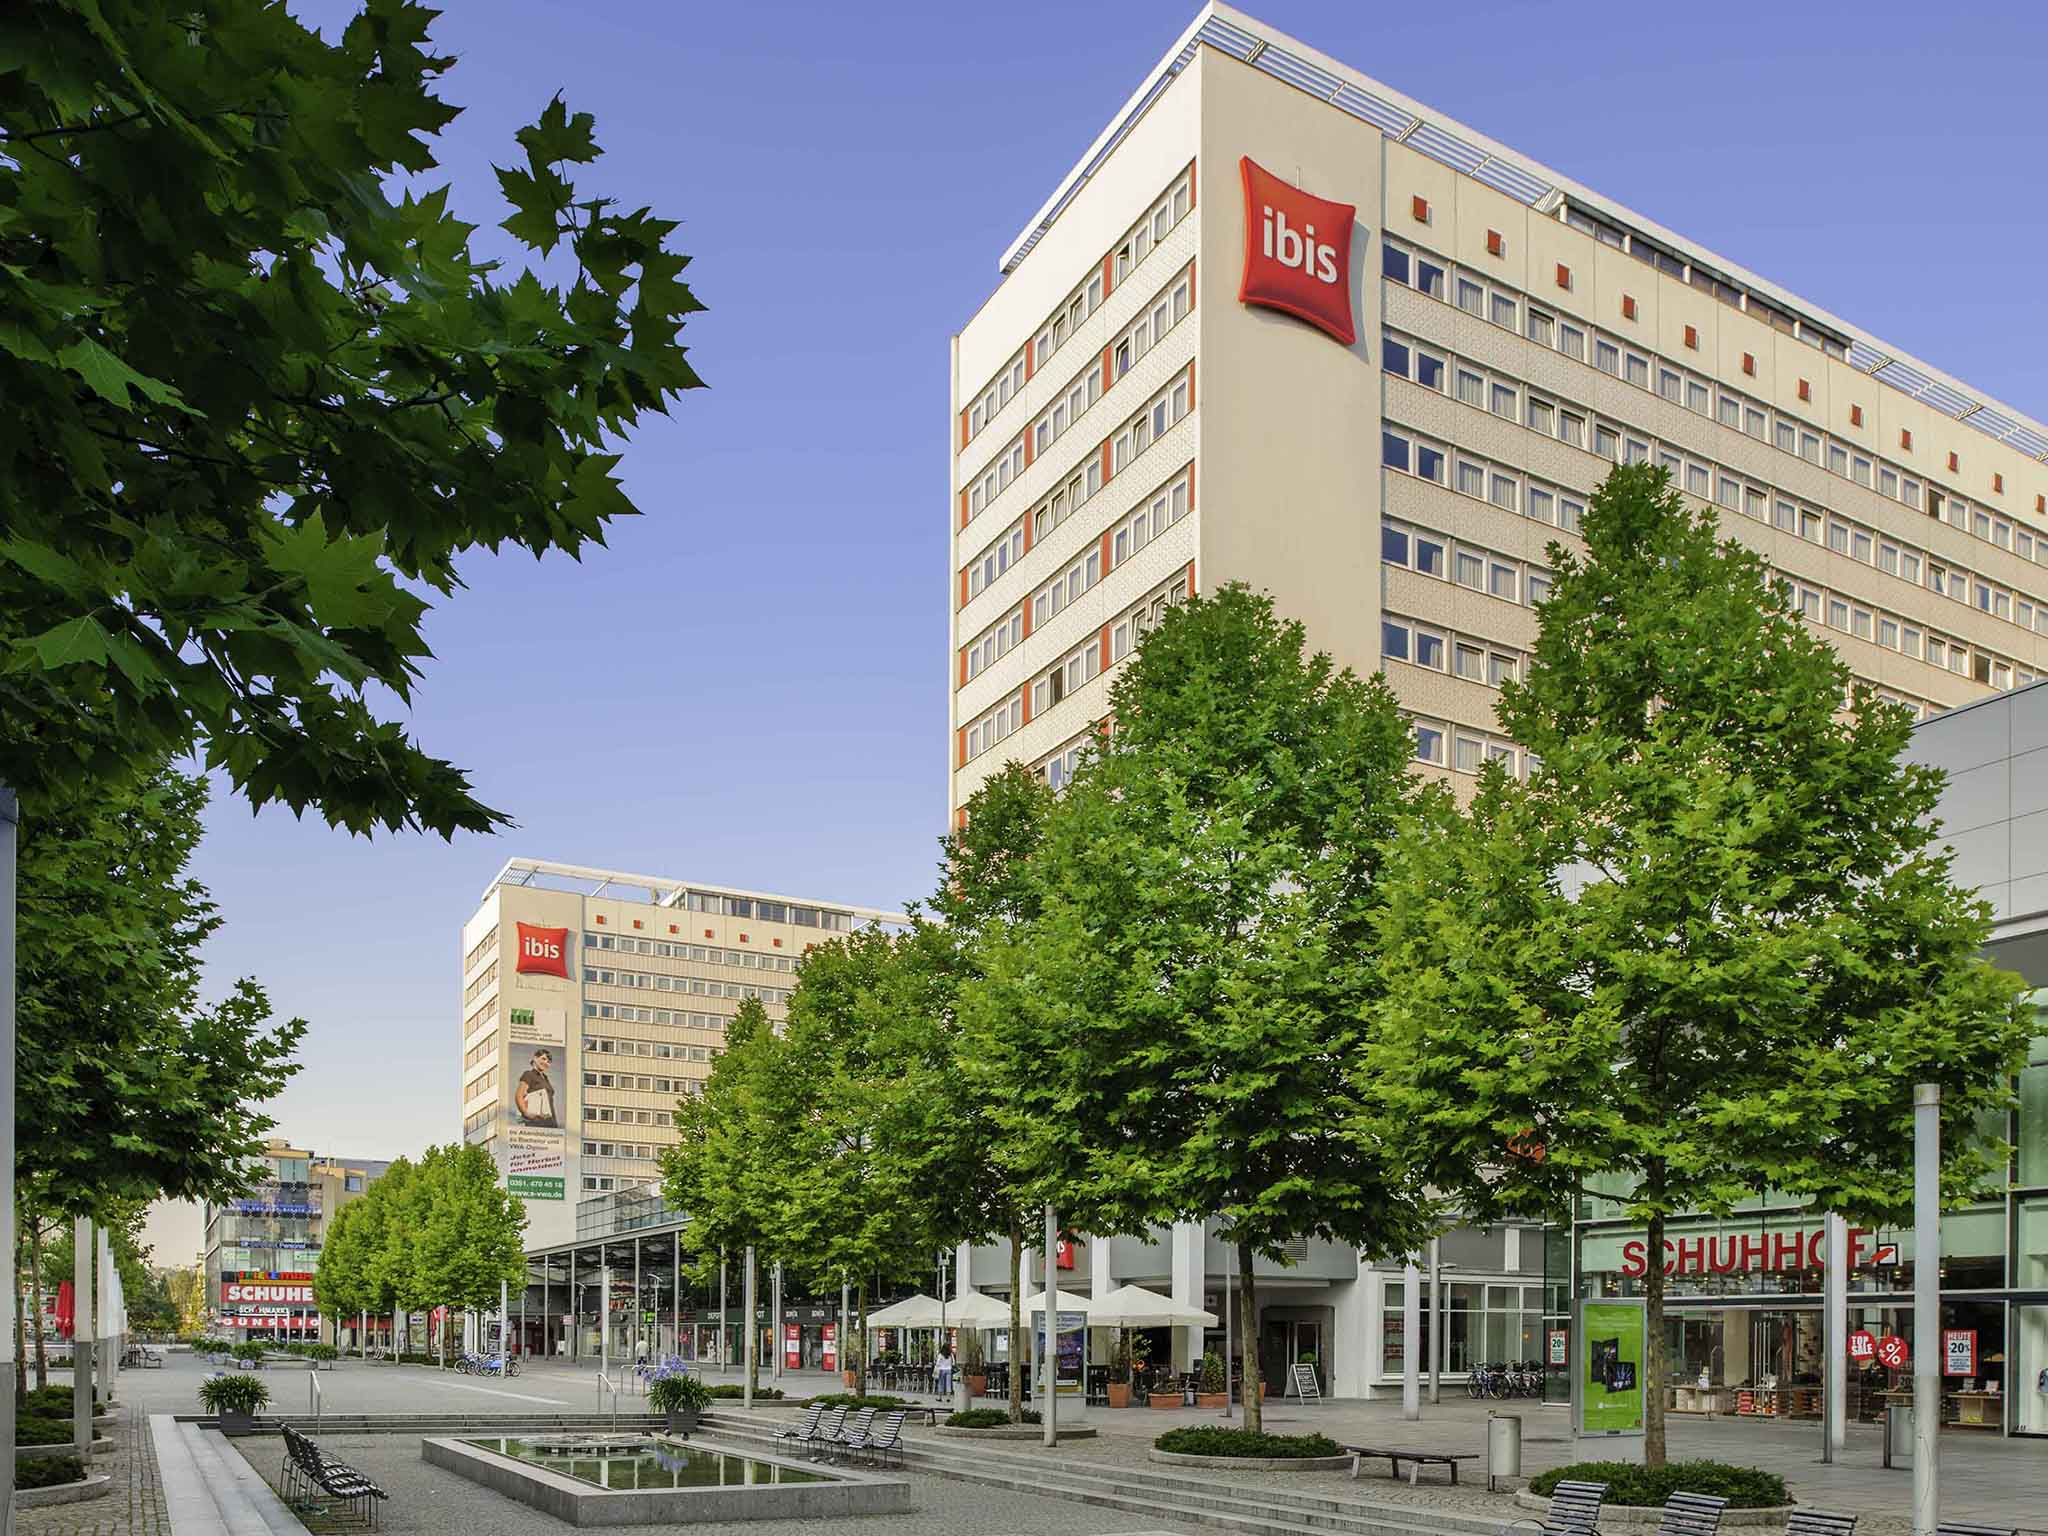 ホテル – イビスドレスデンケーニッヒシュタイン